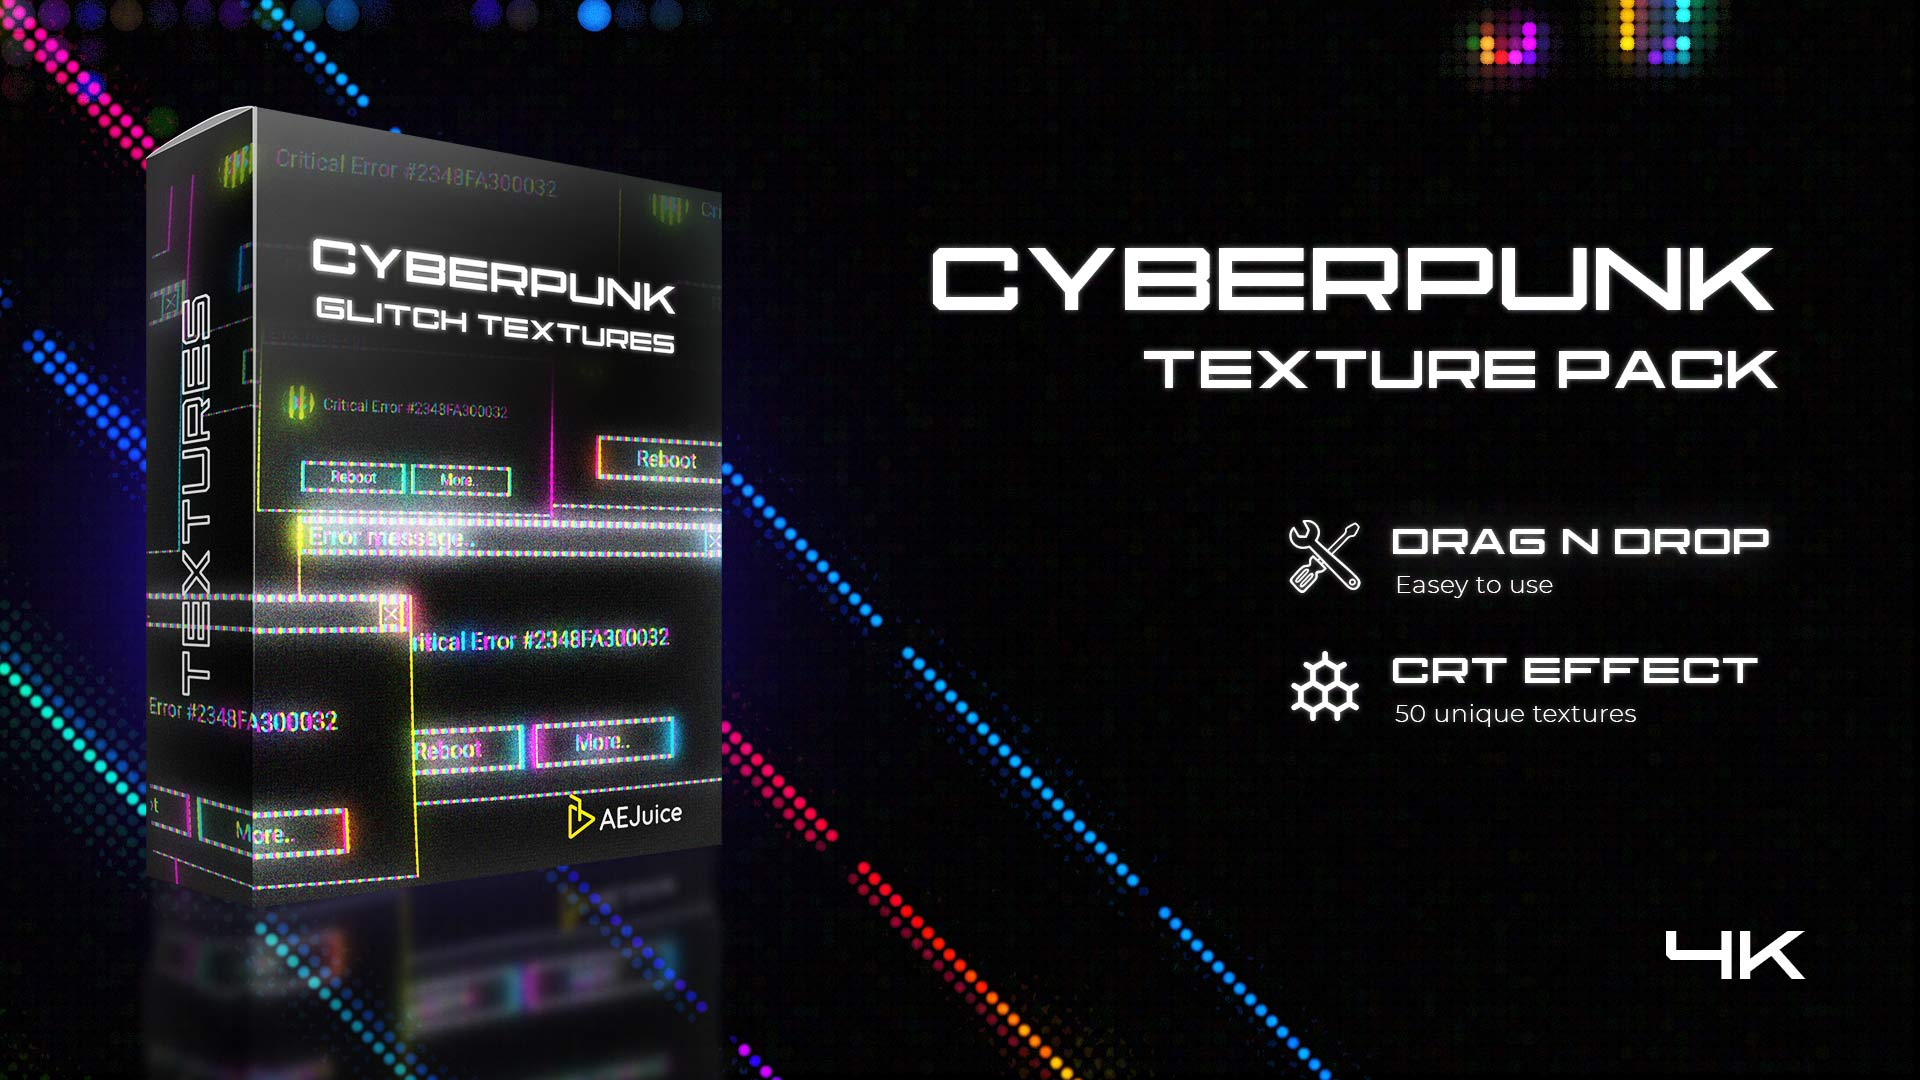 Cyberpunk Glitch Texture Pack